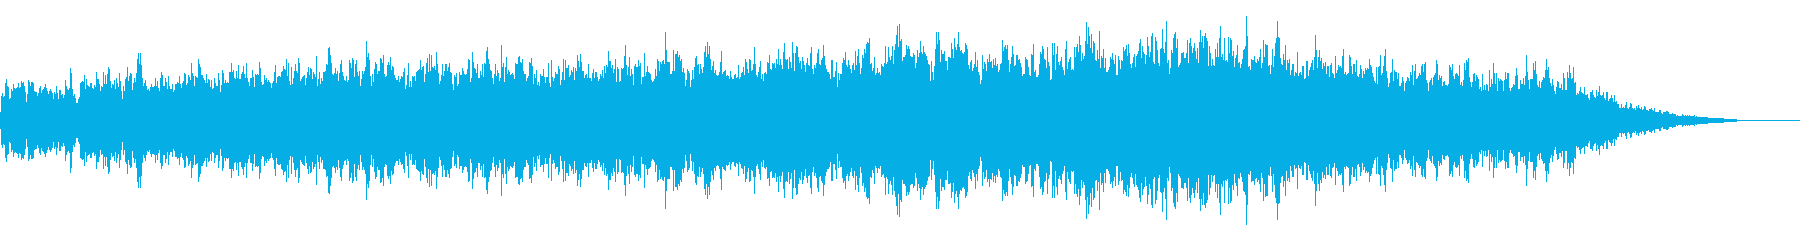 ホラー映画に出てきそうなノイズ系音源14の再生済みの波形